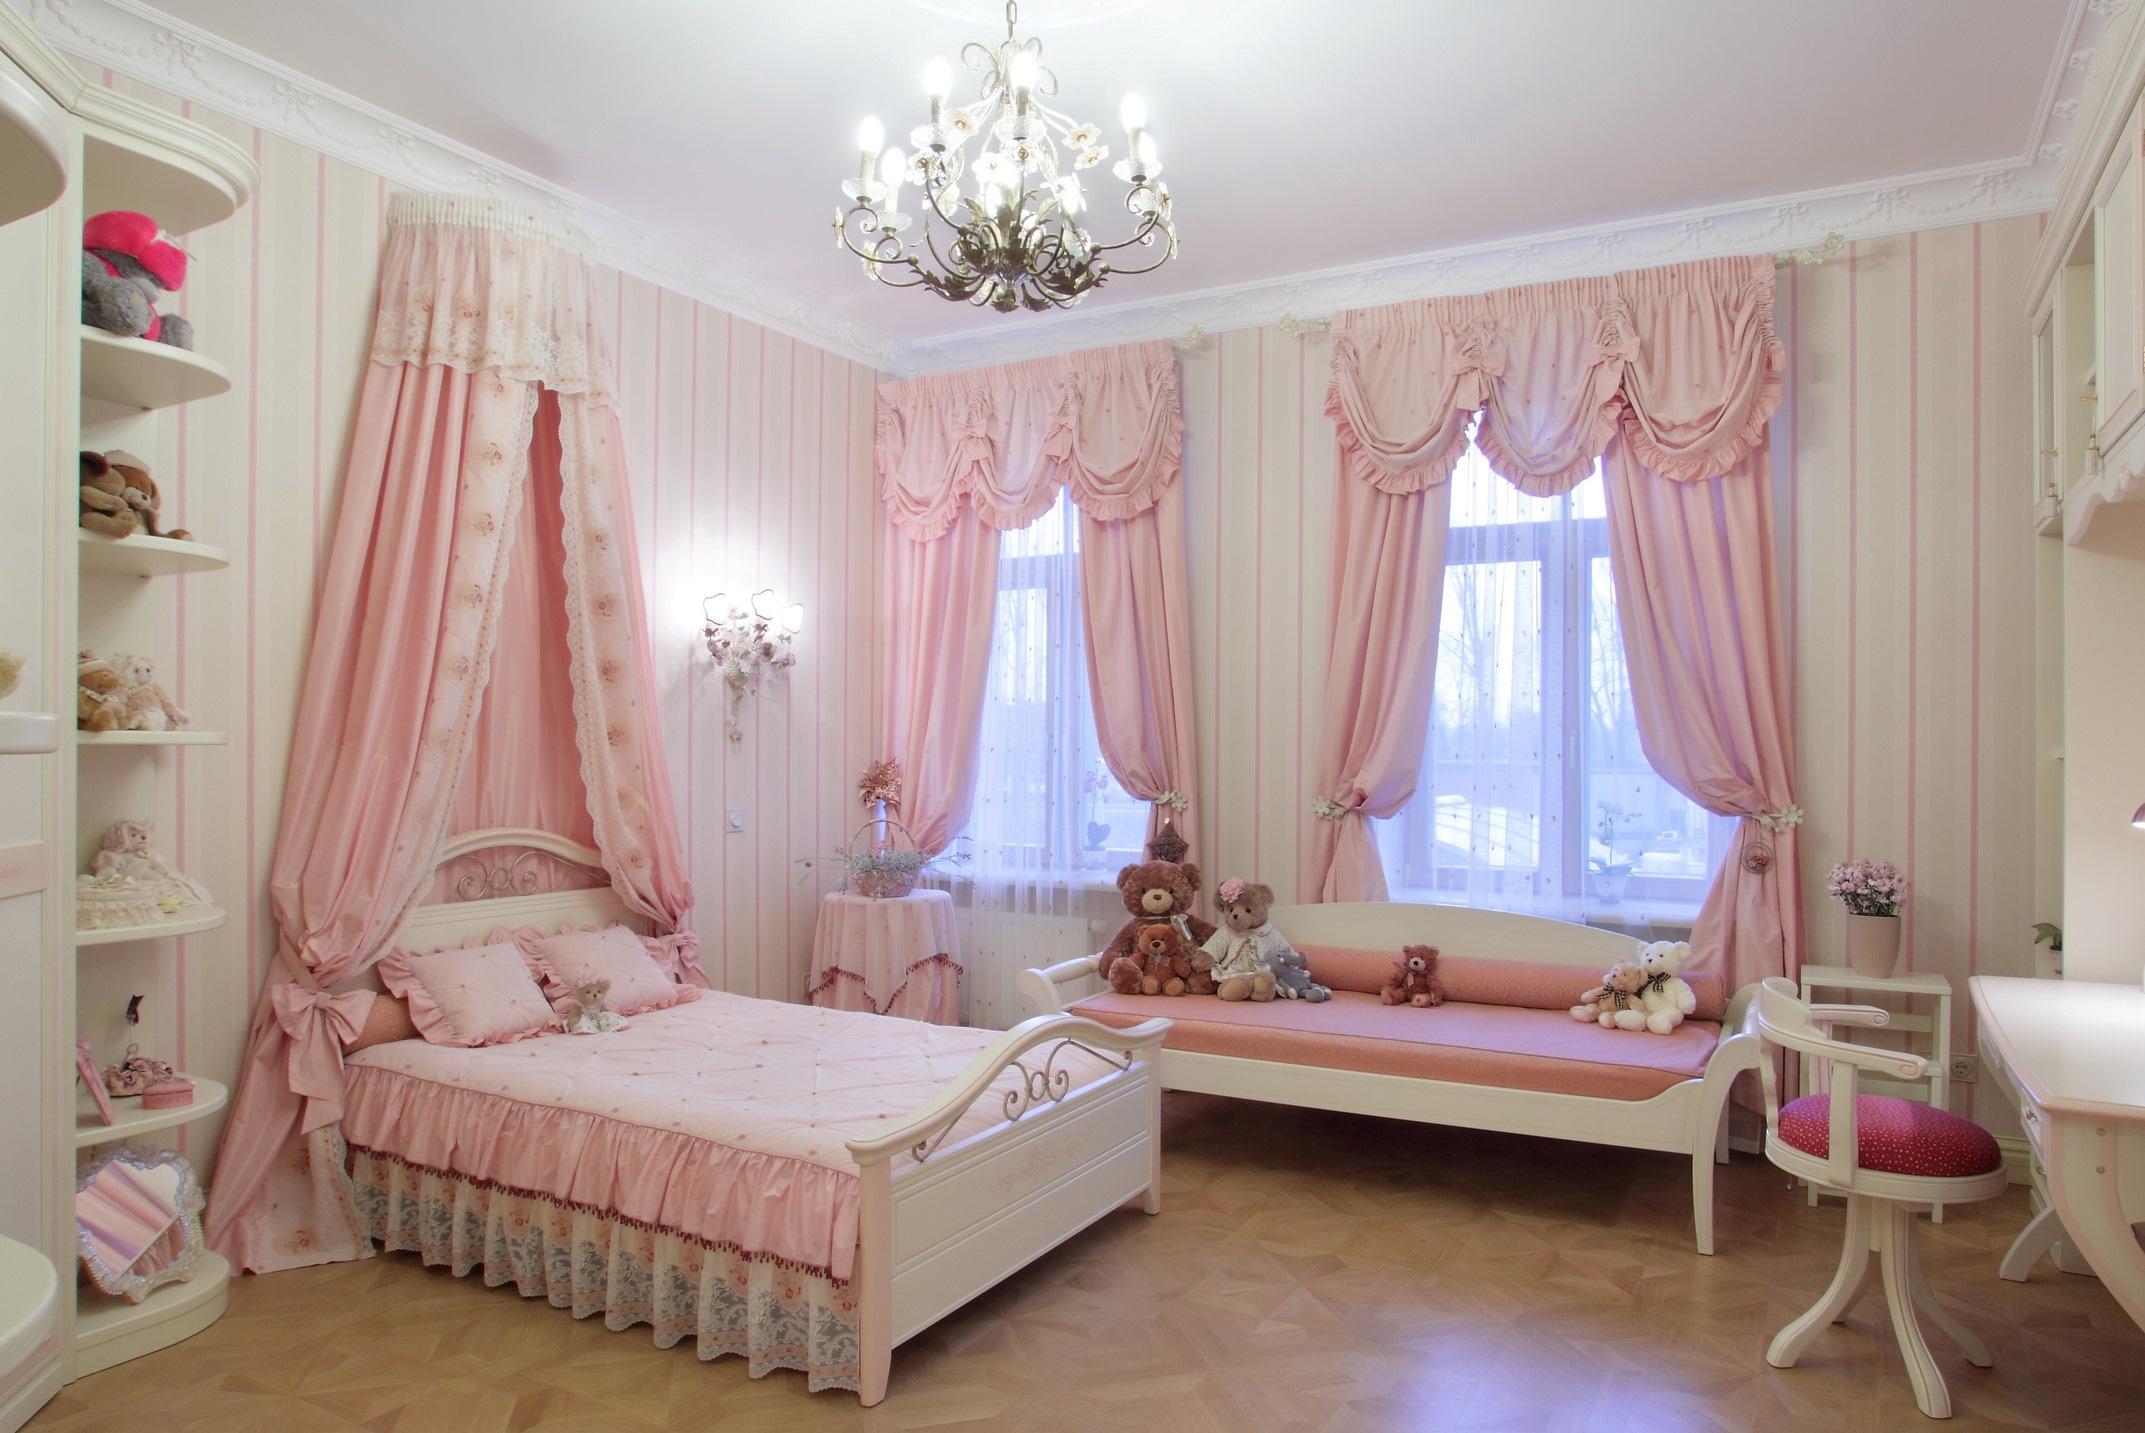 шторы в детскую в розовом цвете